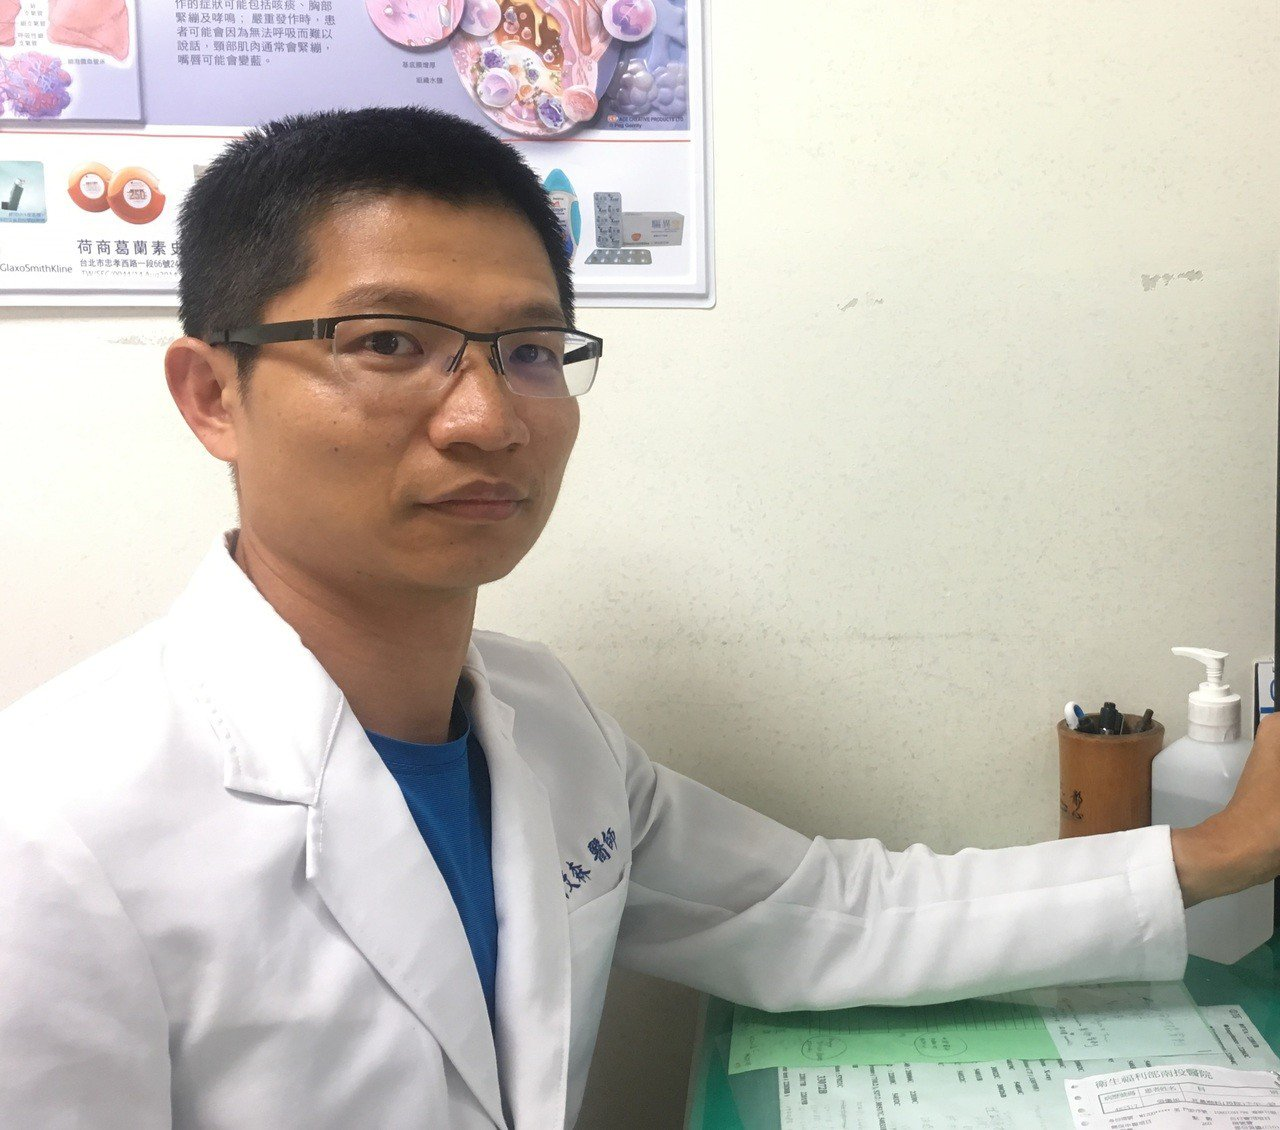 耳鼻喉科醫師賴文森提醒,頸部出現腫塊又不會痛,可能是癌症轉移造成,應儘速就醫檢查...